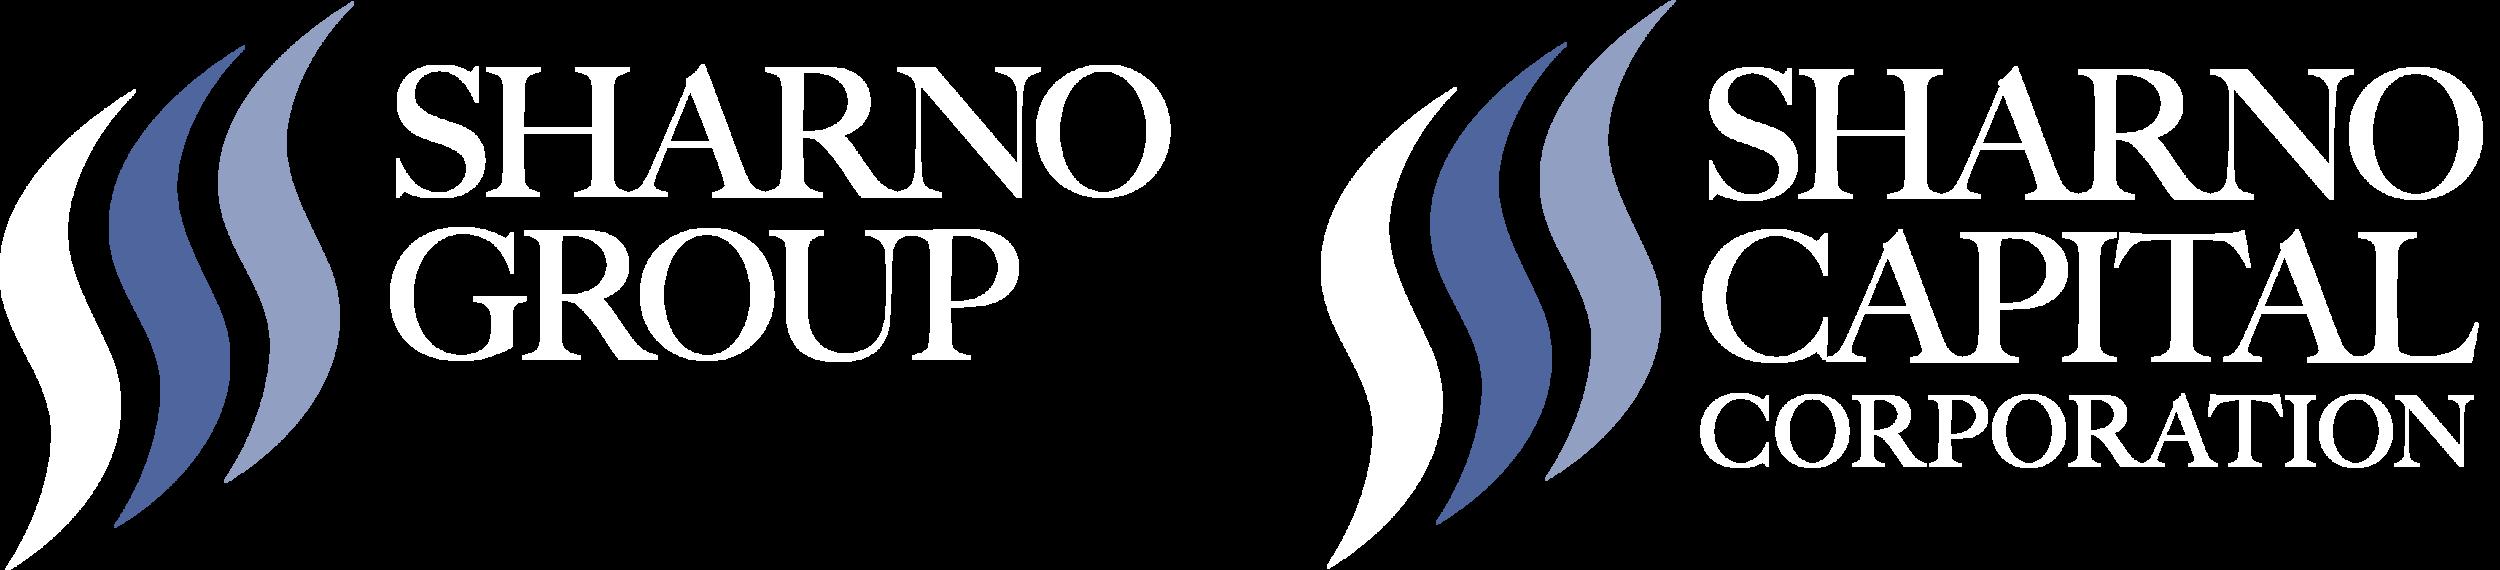 Sharno Group Sharno Group